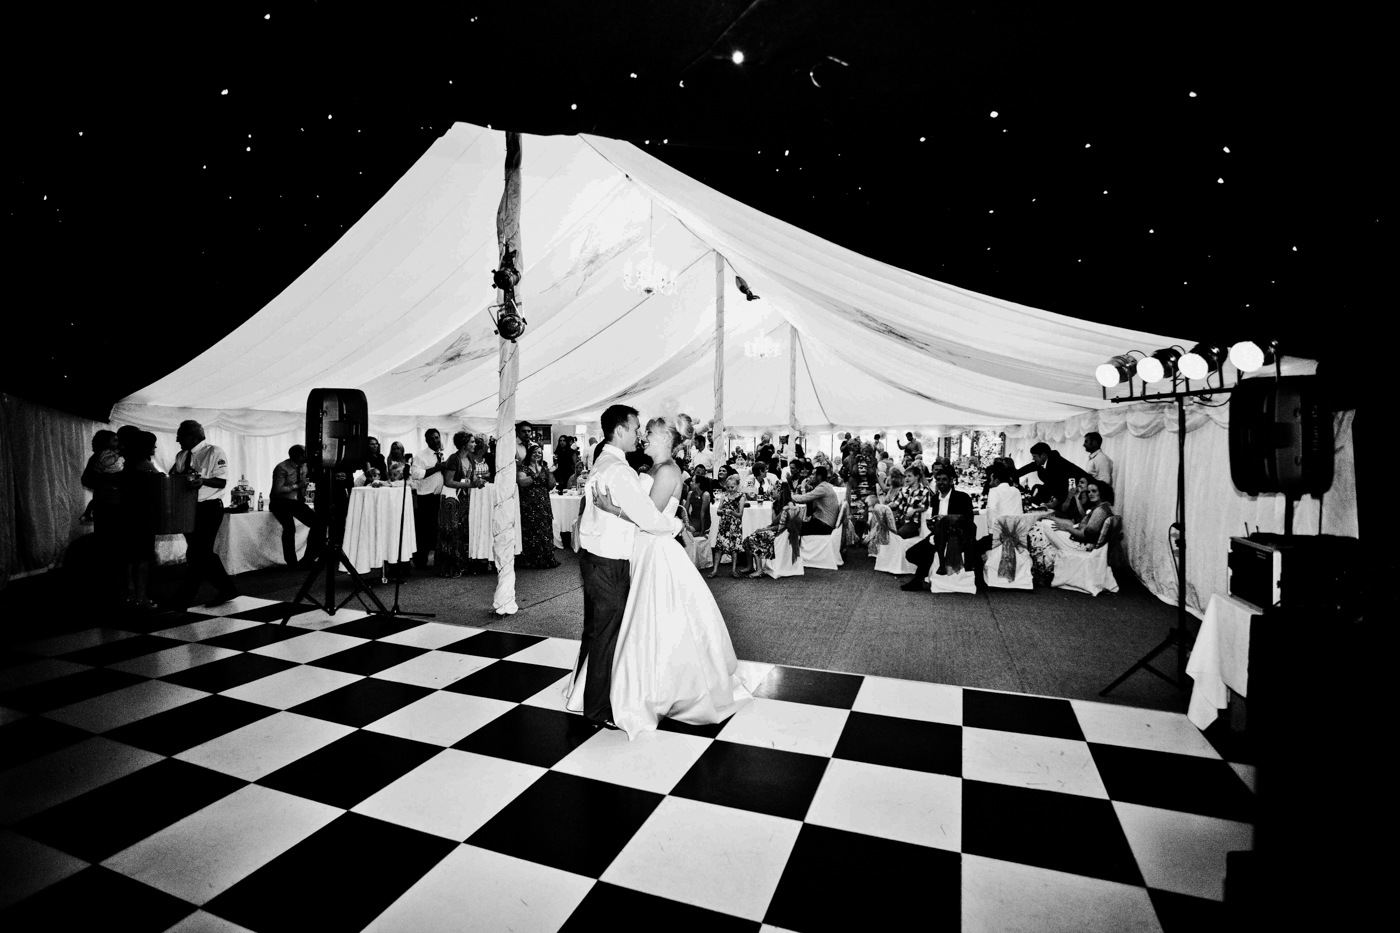 241 Keedy and Carl at The Secret Garden in Retford  - Wedding Photography by Mark Pugh www.markpugh.com_.jpg